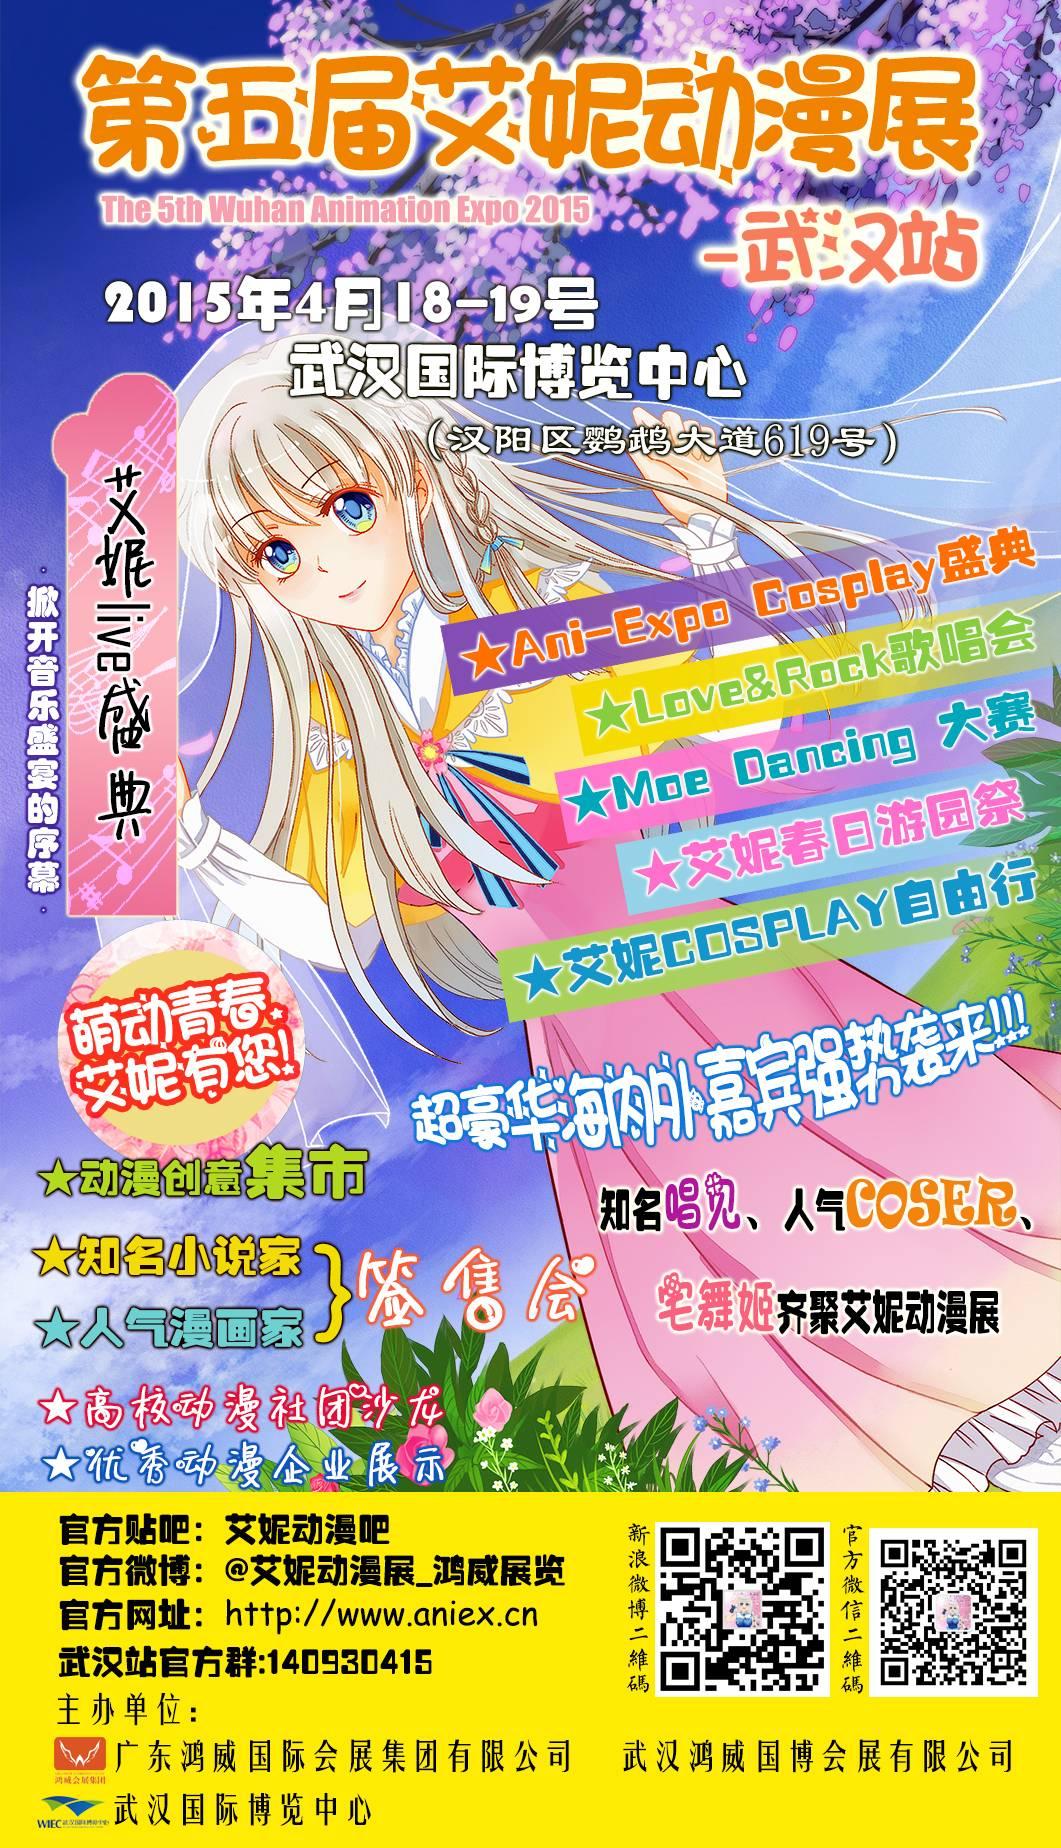 4月18-19日艾妮动漫展武汉站!绝密内容大放送!